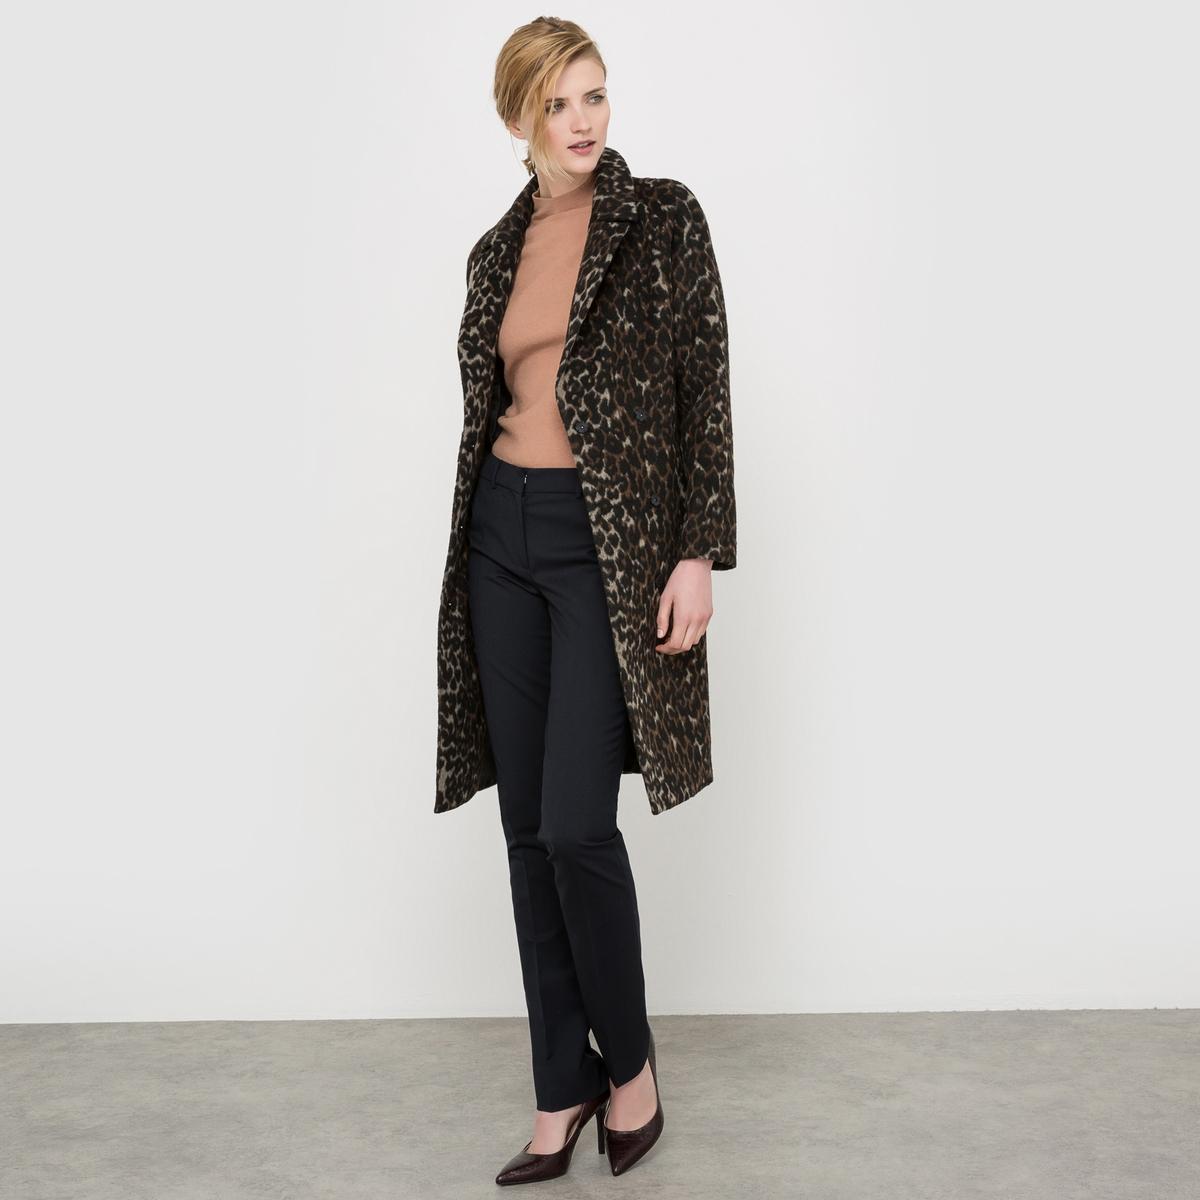 Пальто с леопардовым принтом, 35% шерсти akg pae5 m